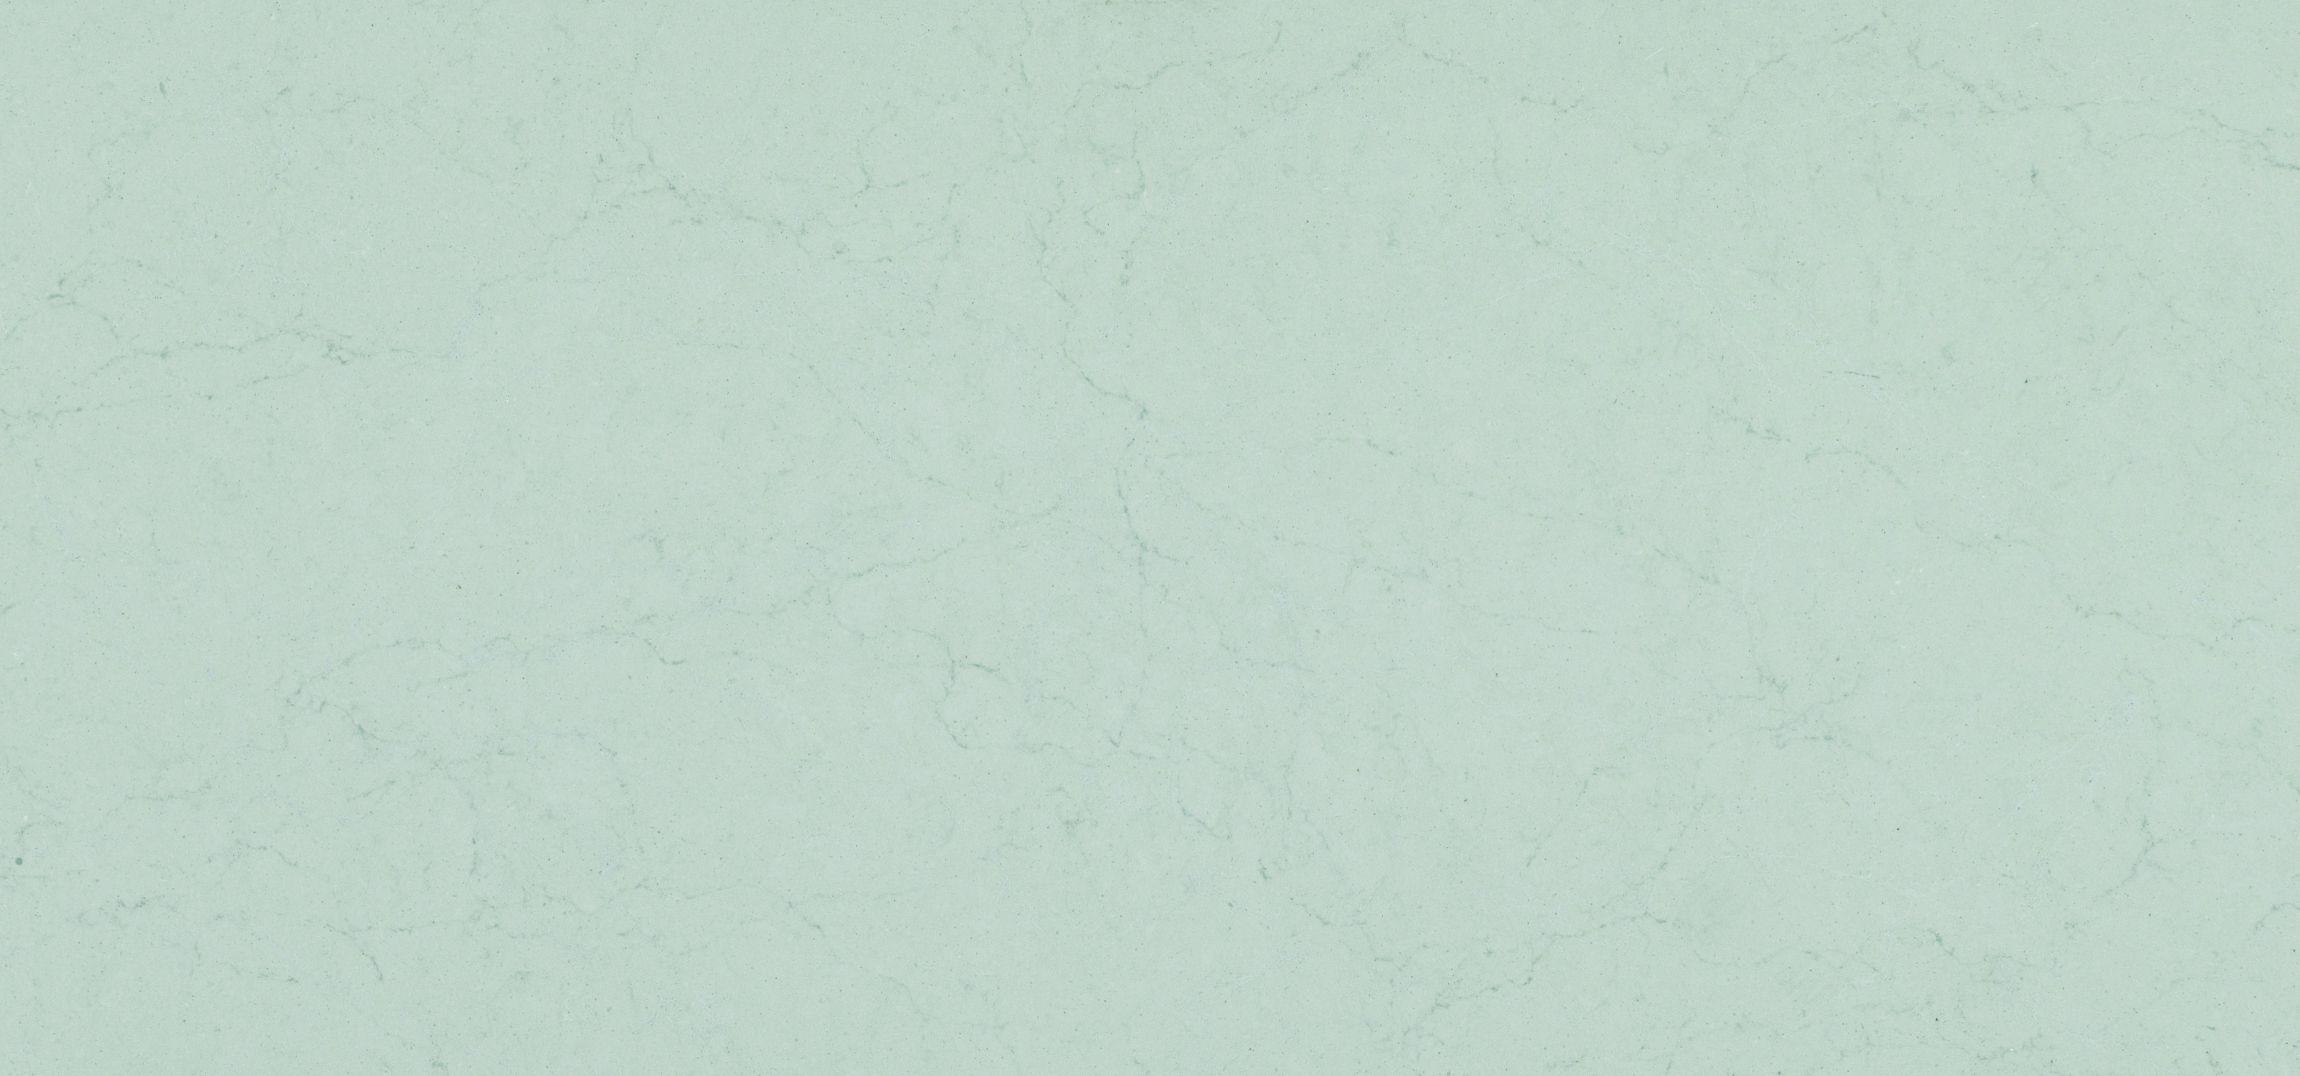 שיש אבן קיסר דגם 6134 תמונה ראשית